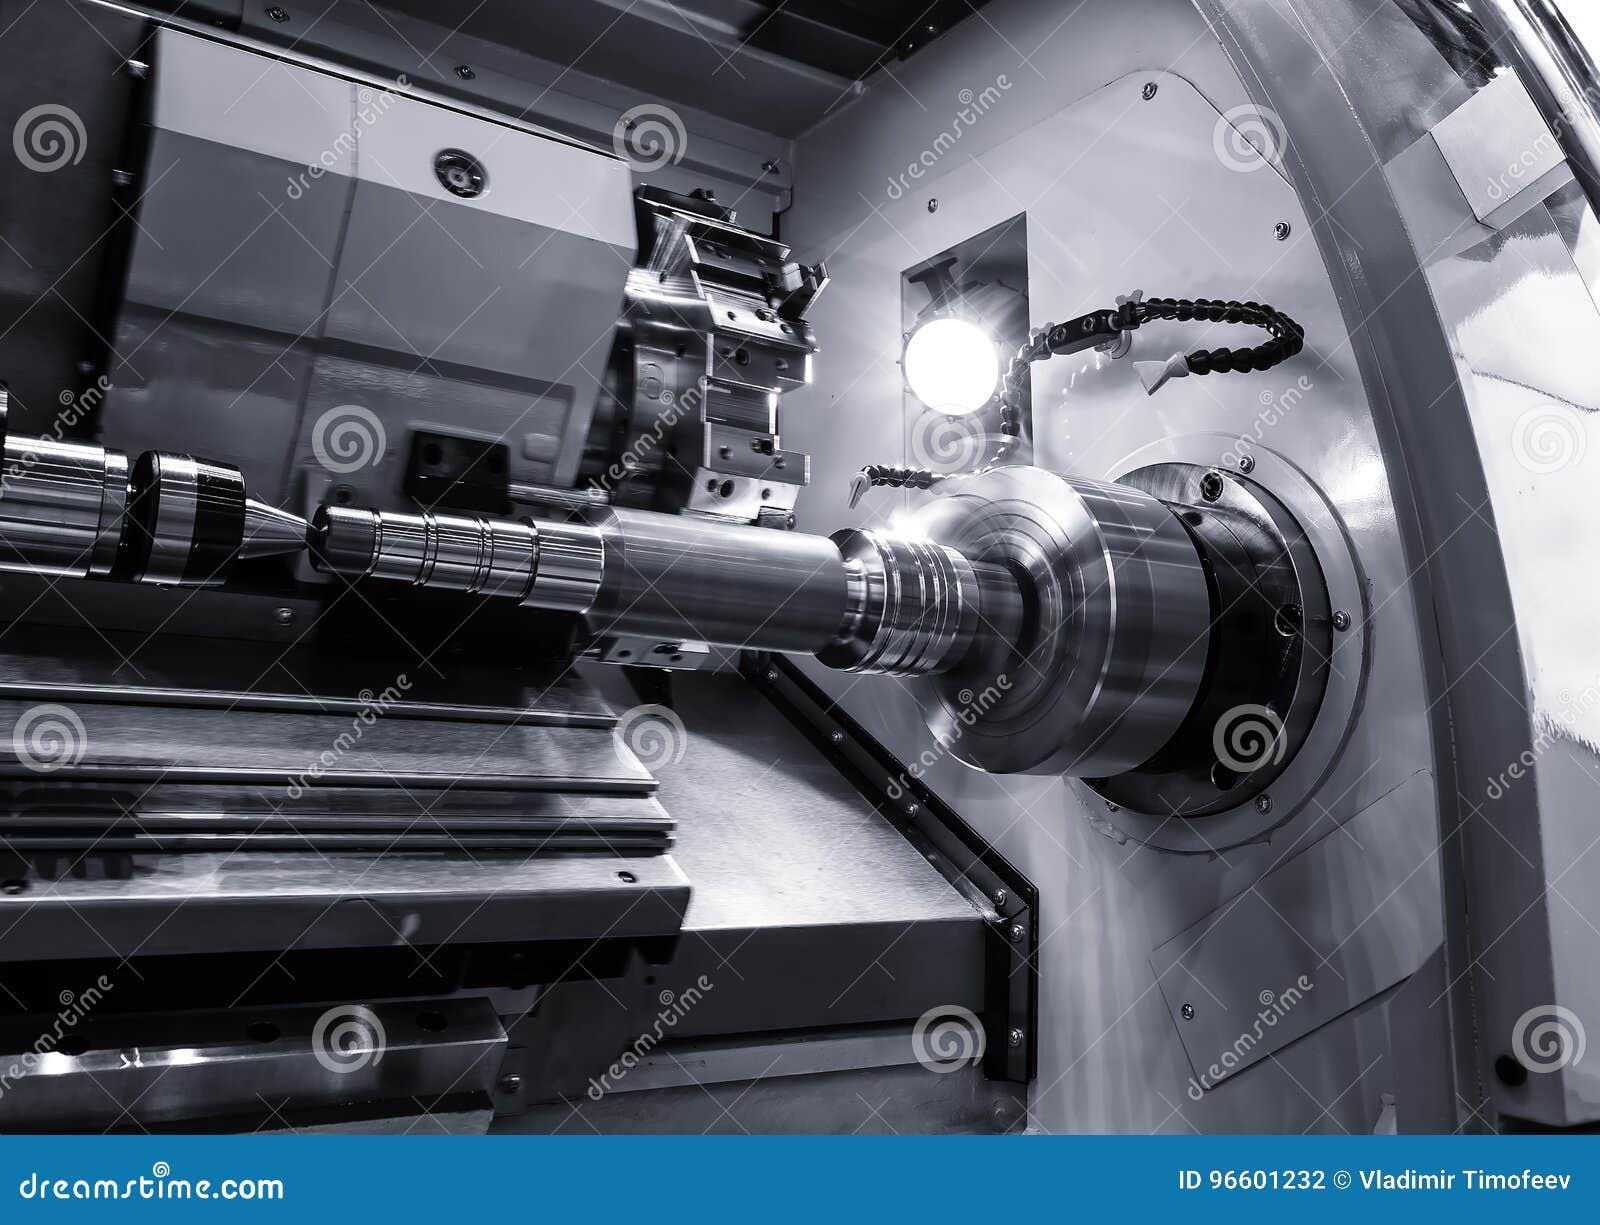 Industrielle Metallarbeit bohren Bearbeitungsprozeß durch Schneidwerkzeug auf automatisierter Drehbank